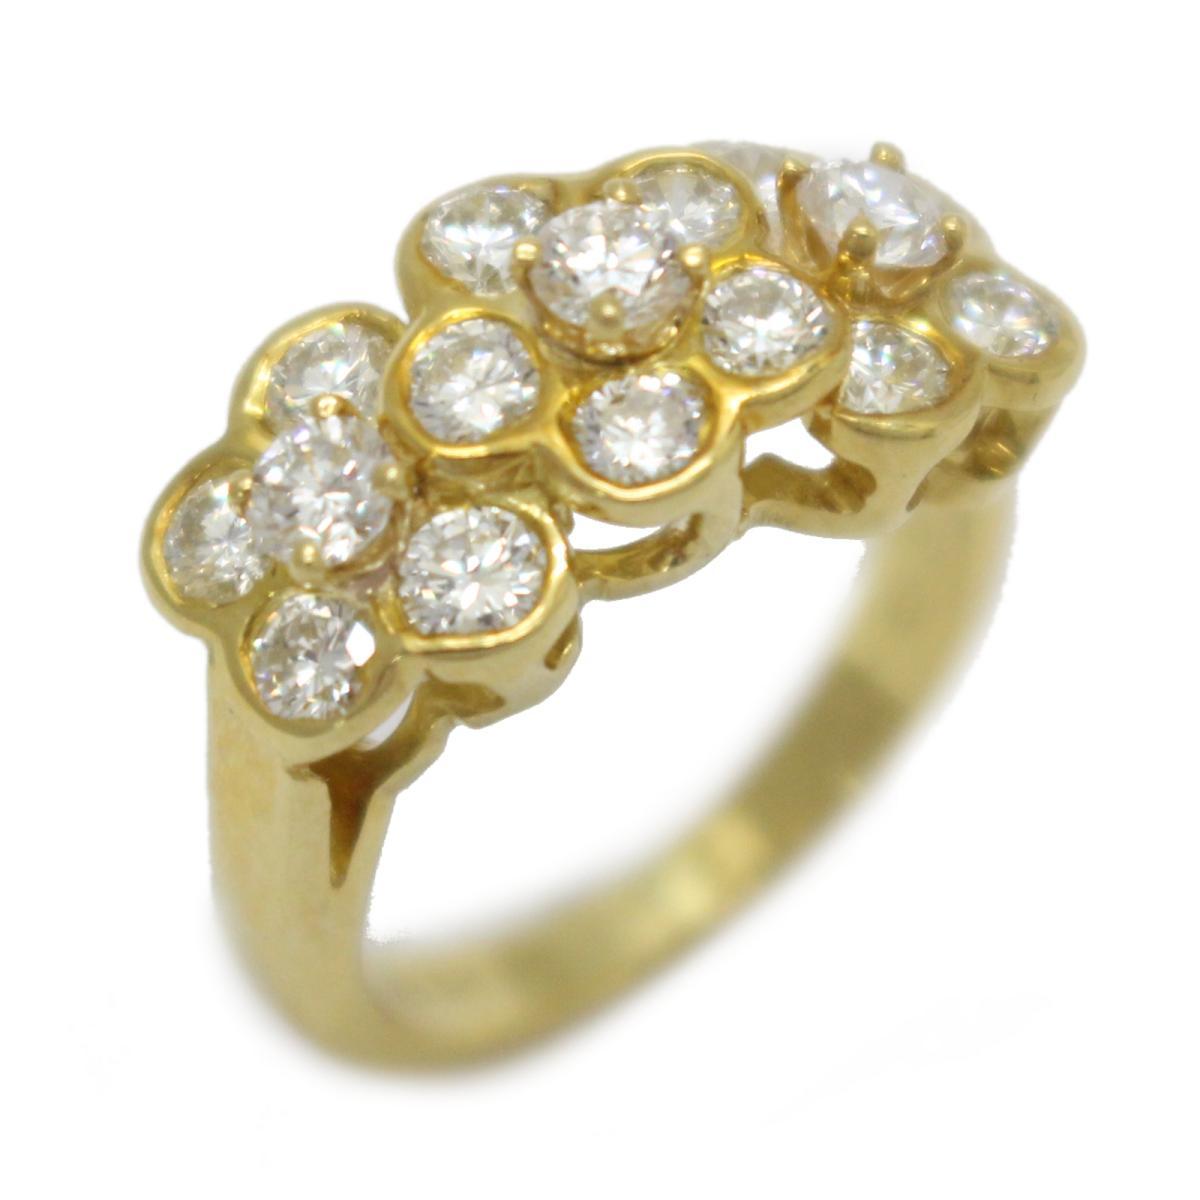 ヴァンクリーフ&アーペル ダイヤモンド リング 指輪 ブランドジュエリー レディース K18YG (750) イエローゴールド 【中古】 | Van Cleef & Arpels BRANDOFF ブランドオフ ブランド ジュエリー アクセサリー